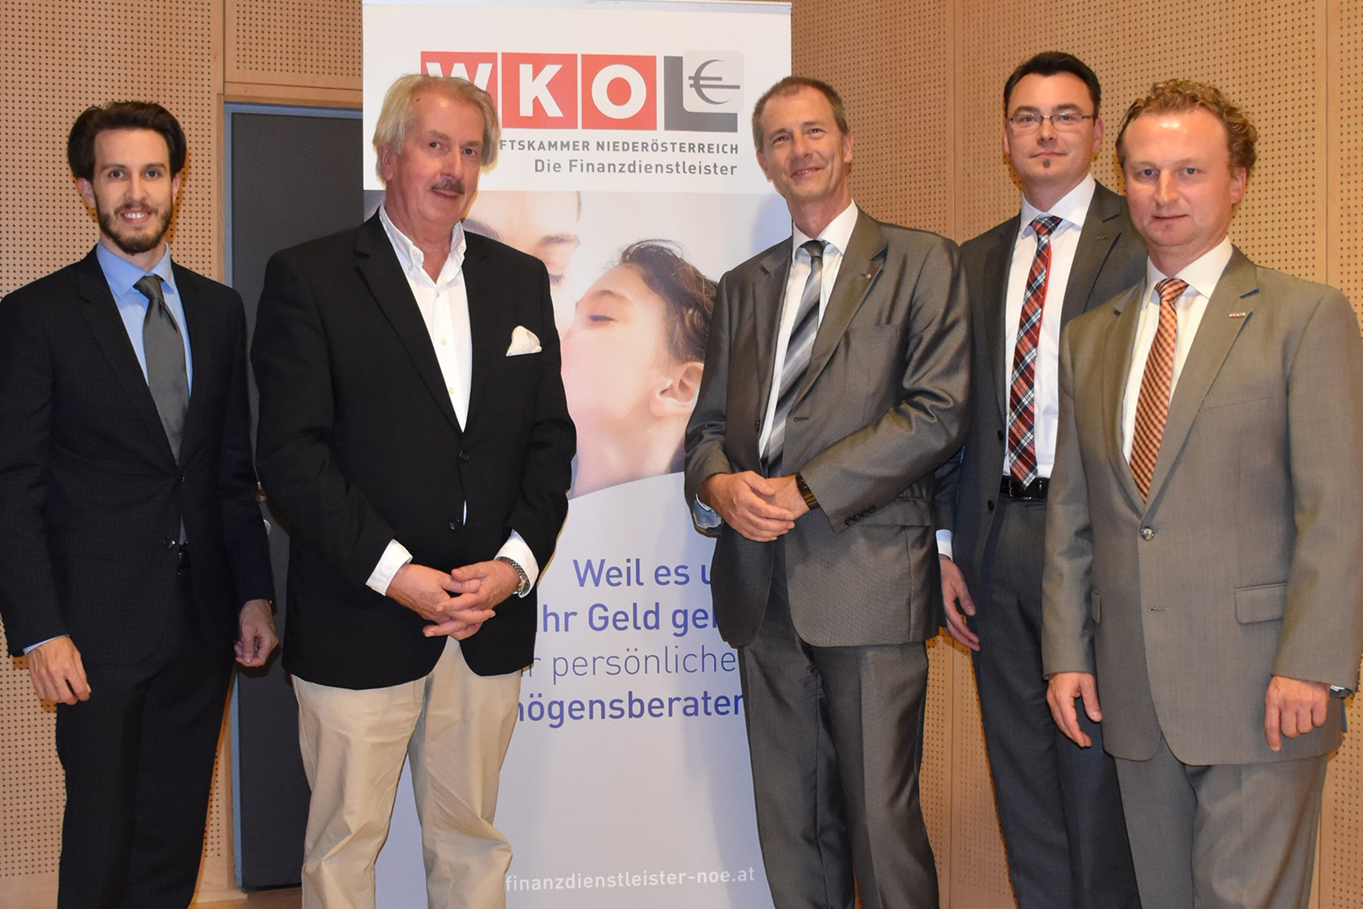 Finanzdienstleister Tour Niederösterreich